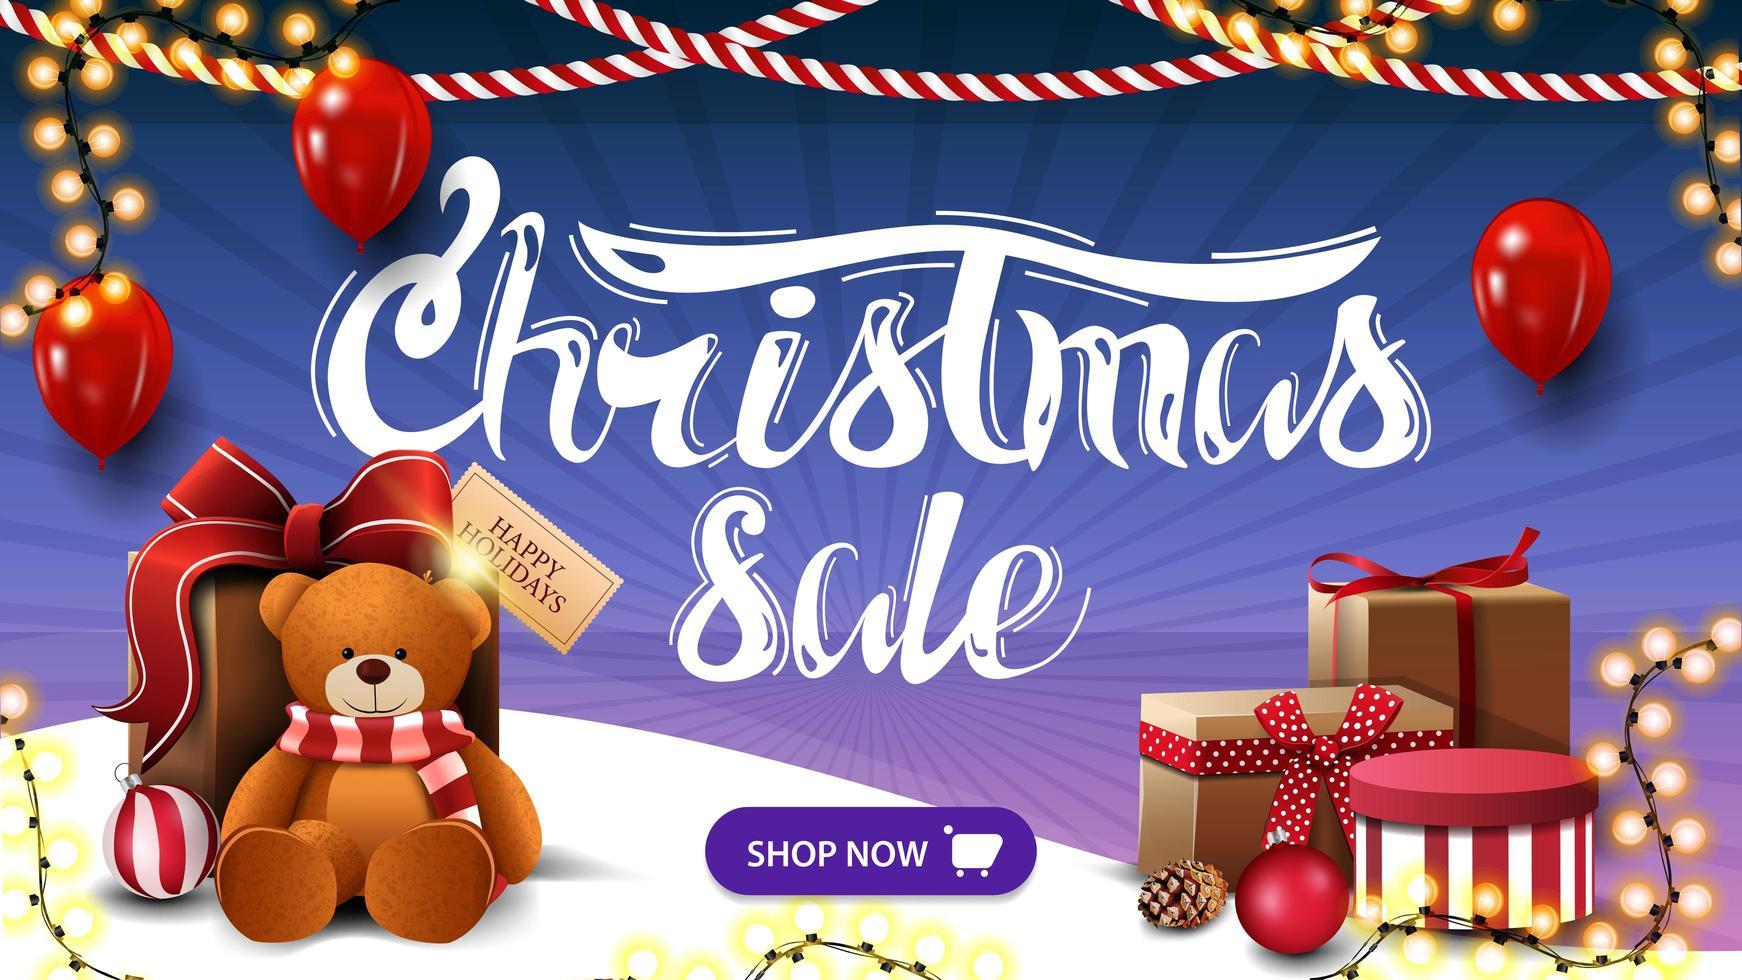 venda de natal, banner azul de desconto com balões, guirlandas, botão e presente com ursinho de pelúcia vetor